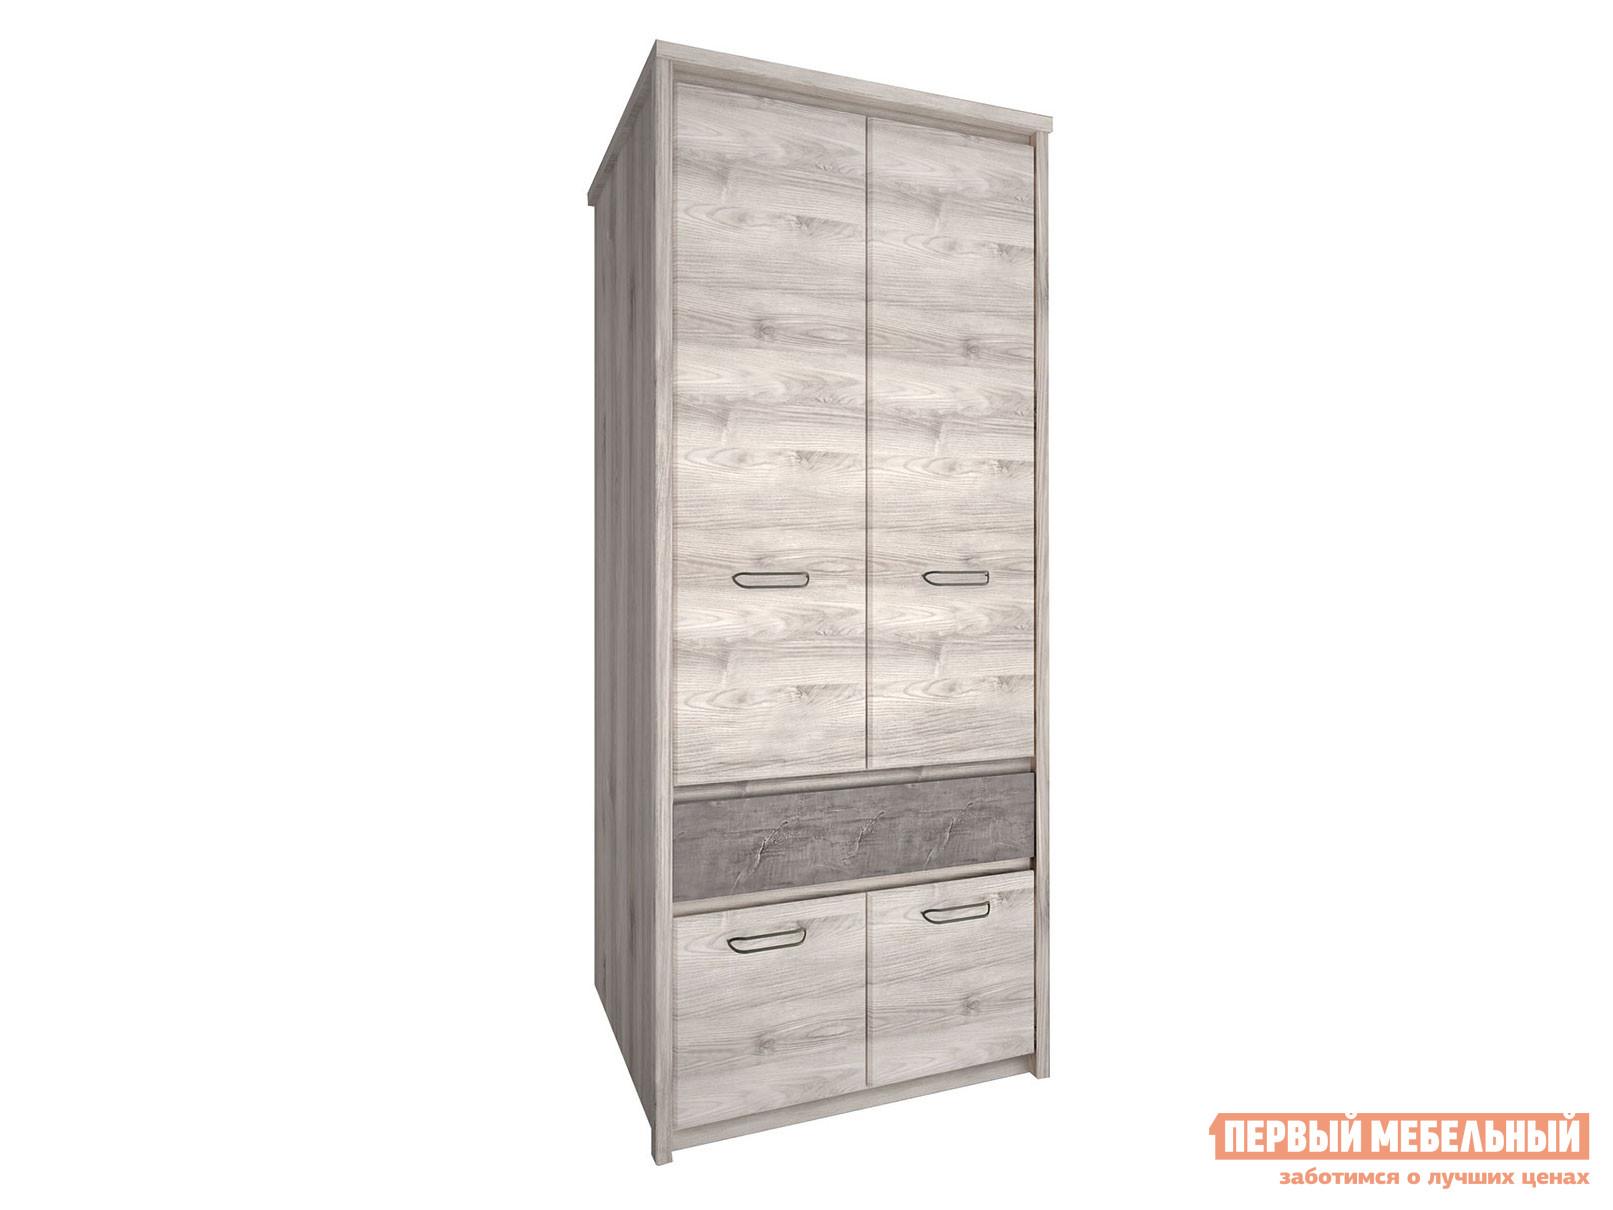 Распашной шкаф  2-х створчатый Джаз Каштан Найроби / Оникс Анрэкс 95223